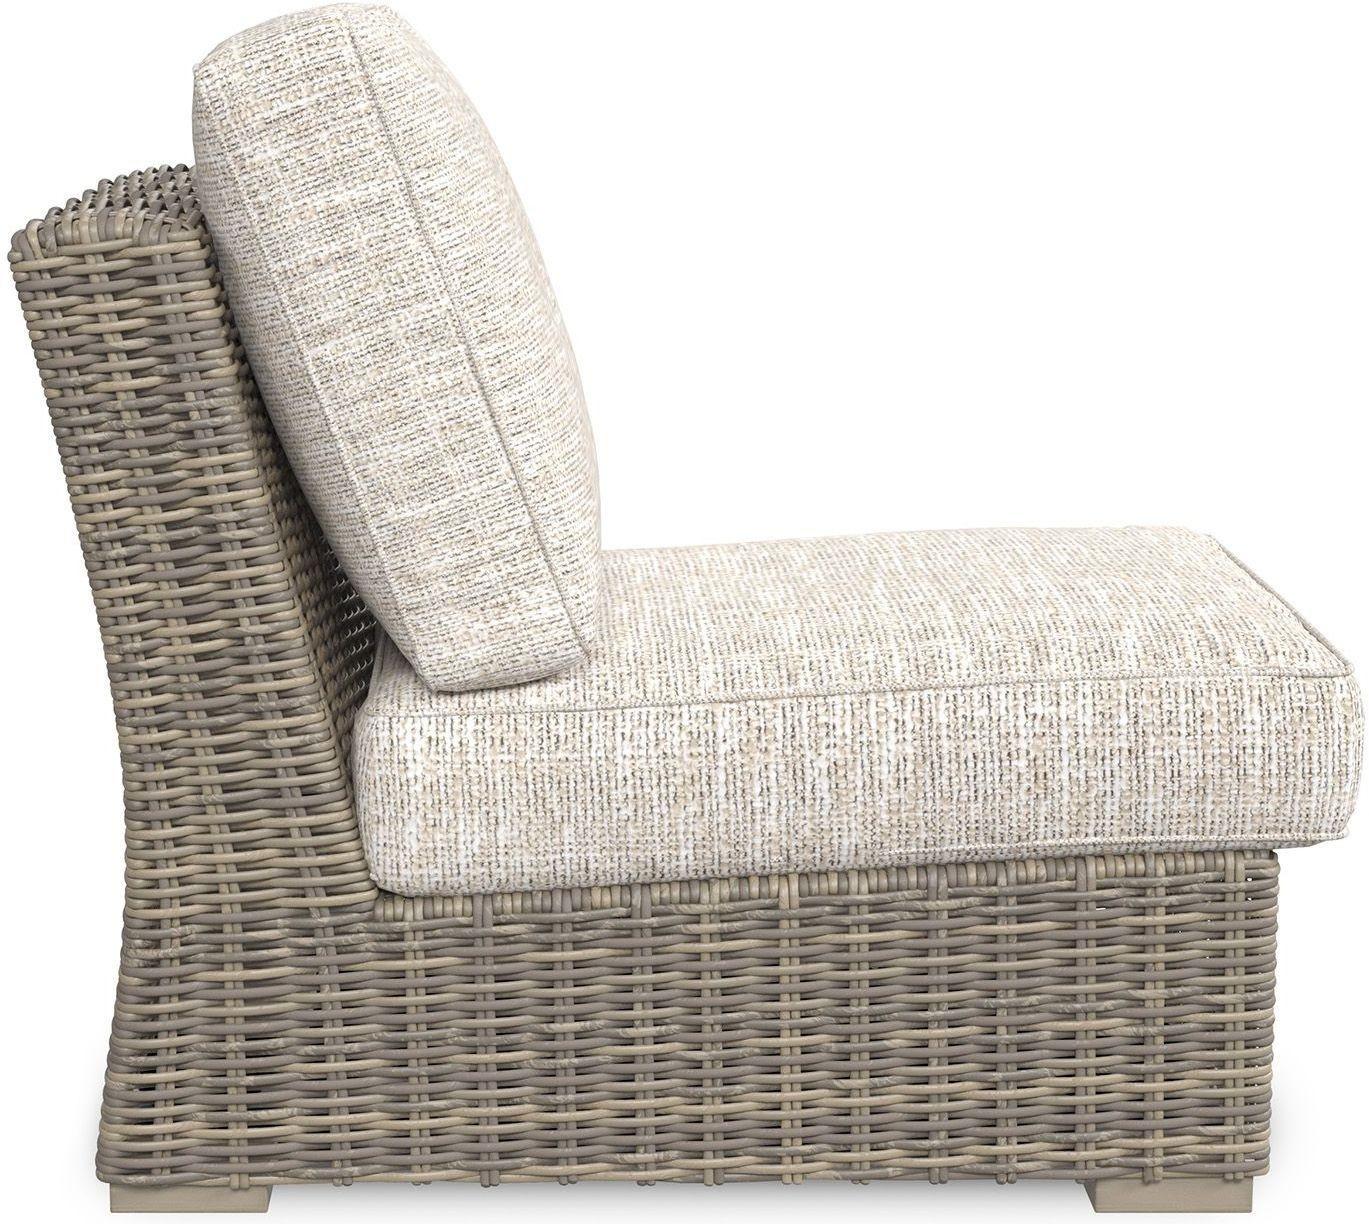 Beachcroft Beige Outdoor Sectional - 1StopBedrooms. on Beachcroft Beige Outdoor Living Room Set id=62275